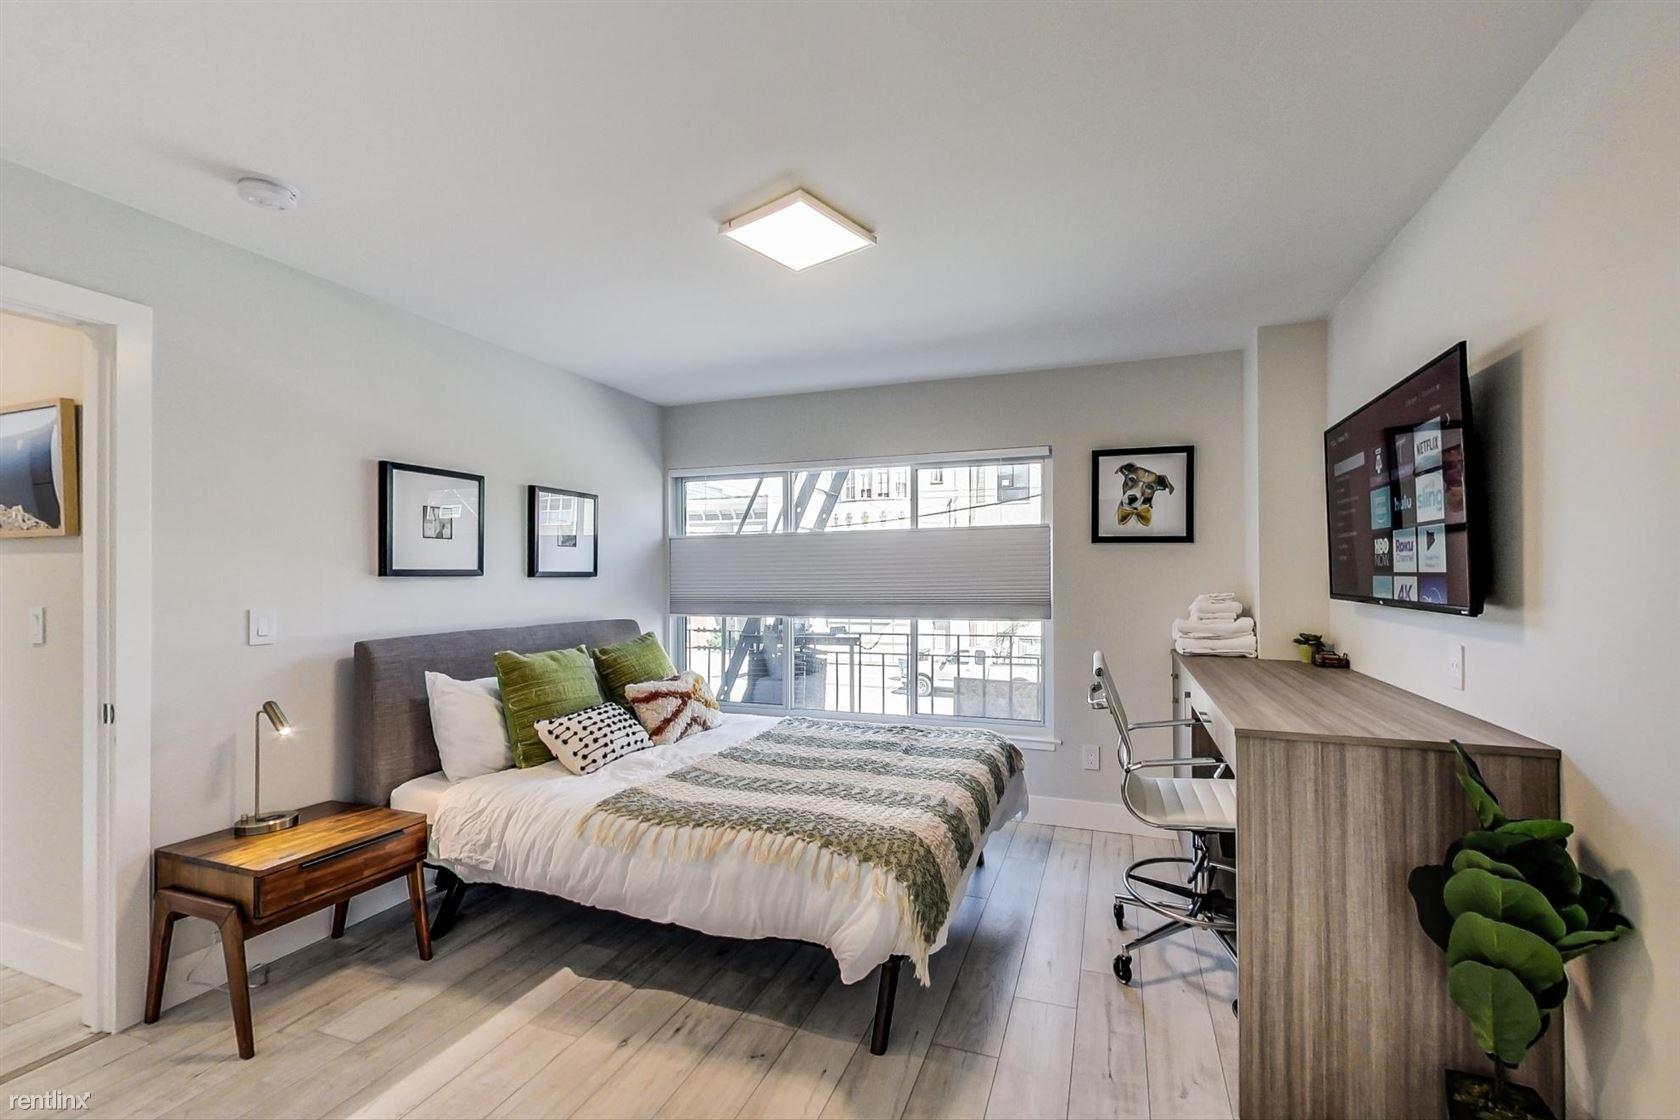 1454 S Van Ness Ave Unit 7, San Francisco, CA - $9,450